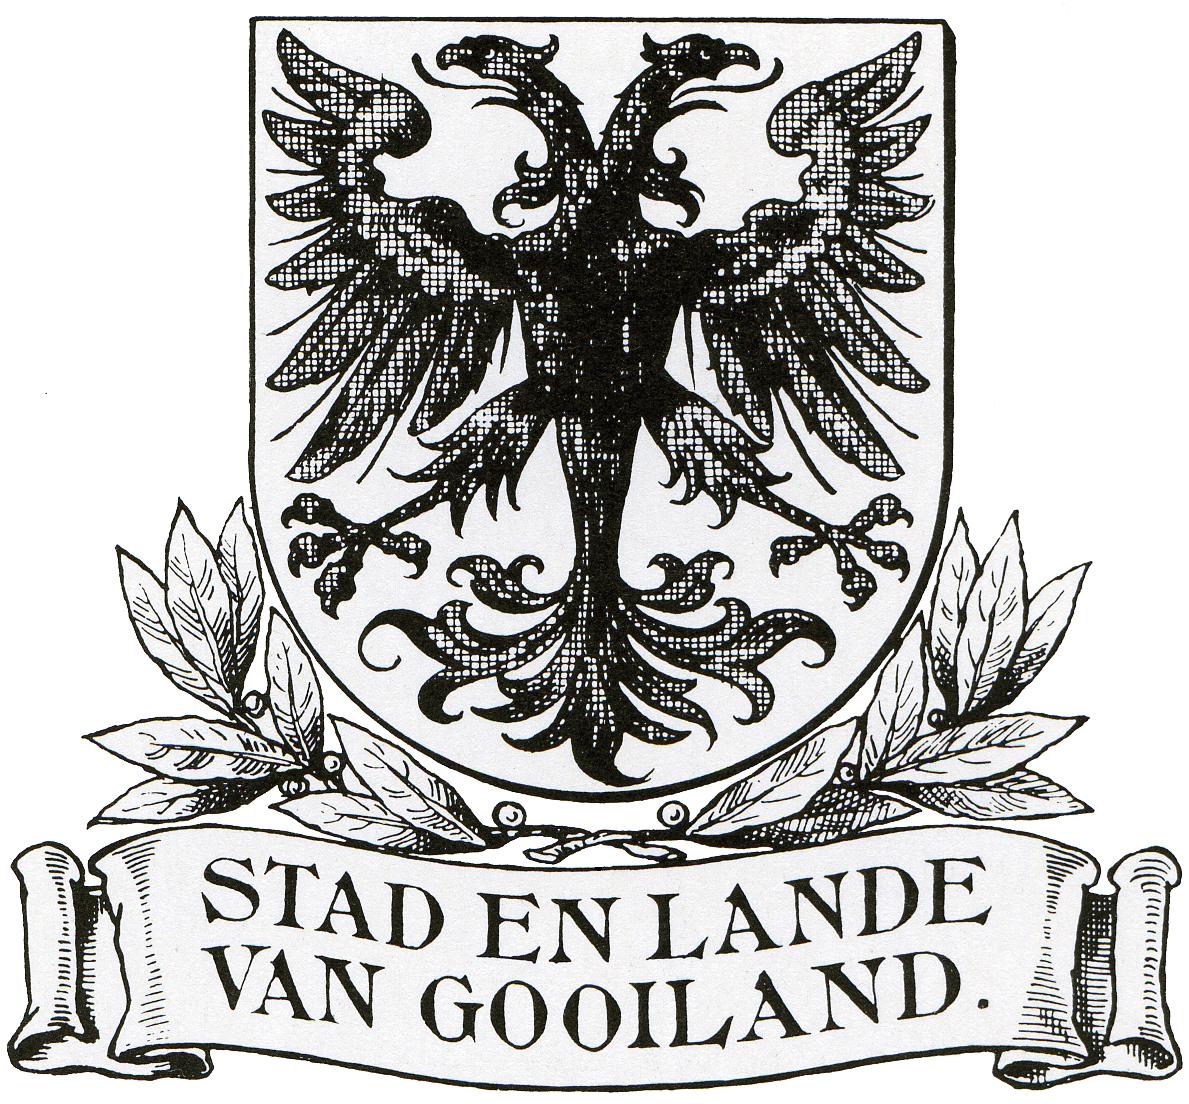 Wapen van Stad en Lande van Gooiland